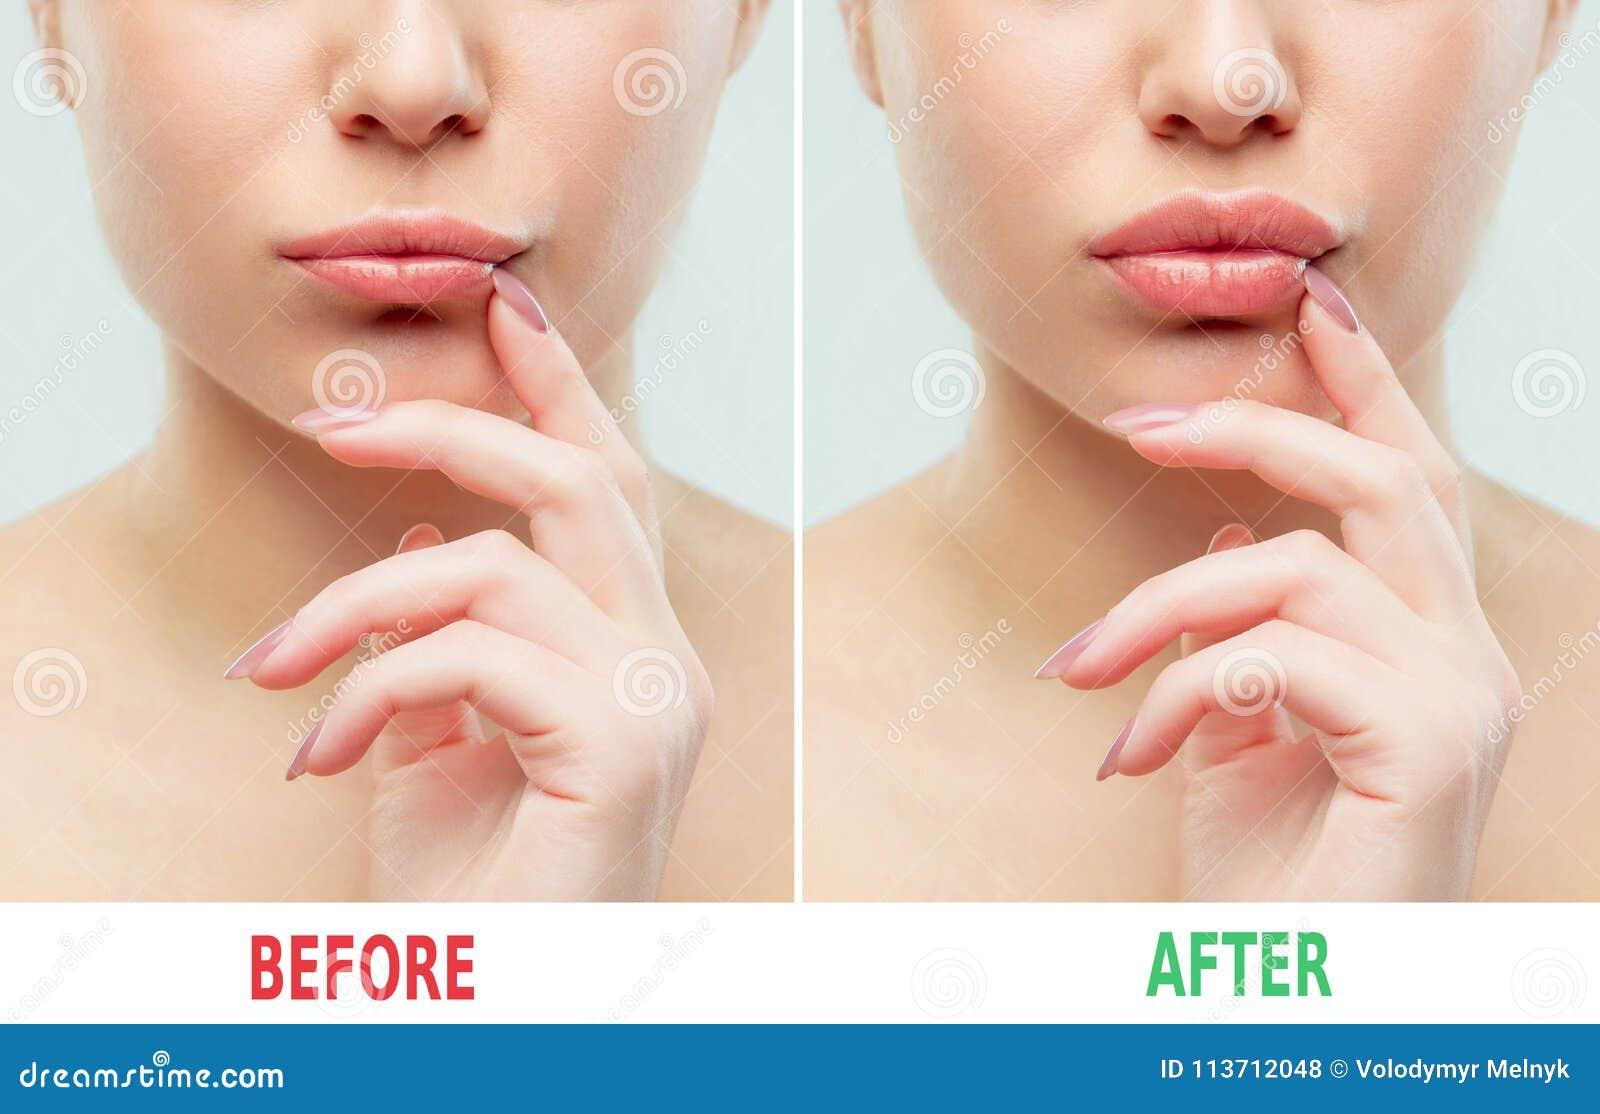 在嘴唇补白射入前后 秀丽塑料 有自然构成的美丽的完善的嘴唇